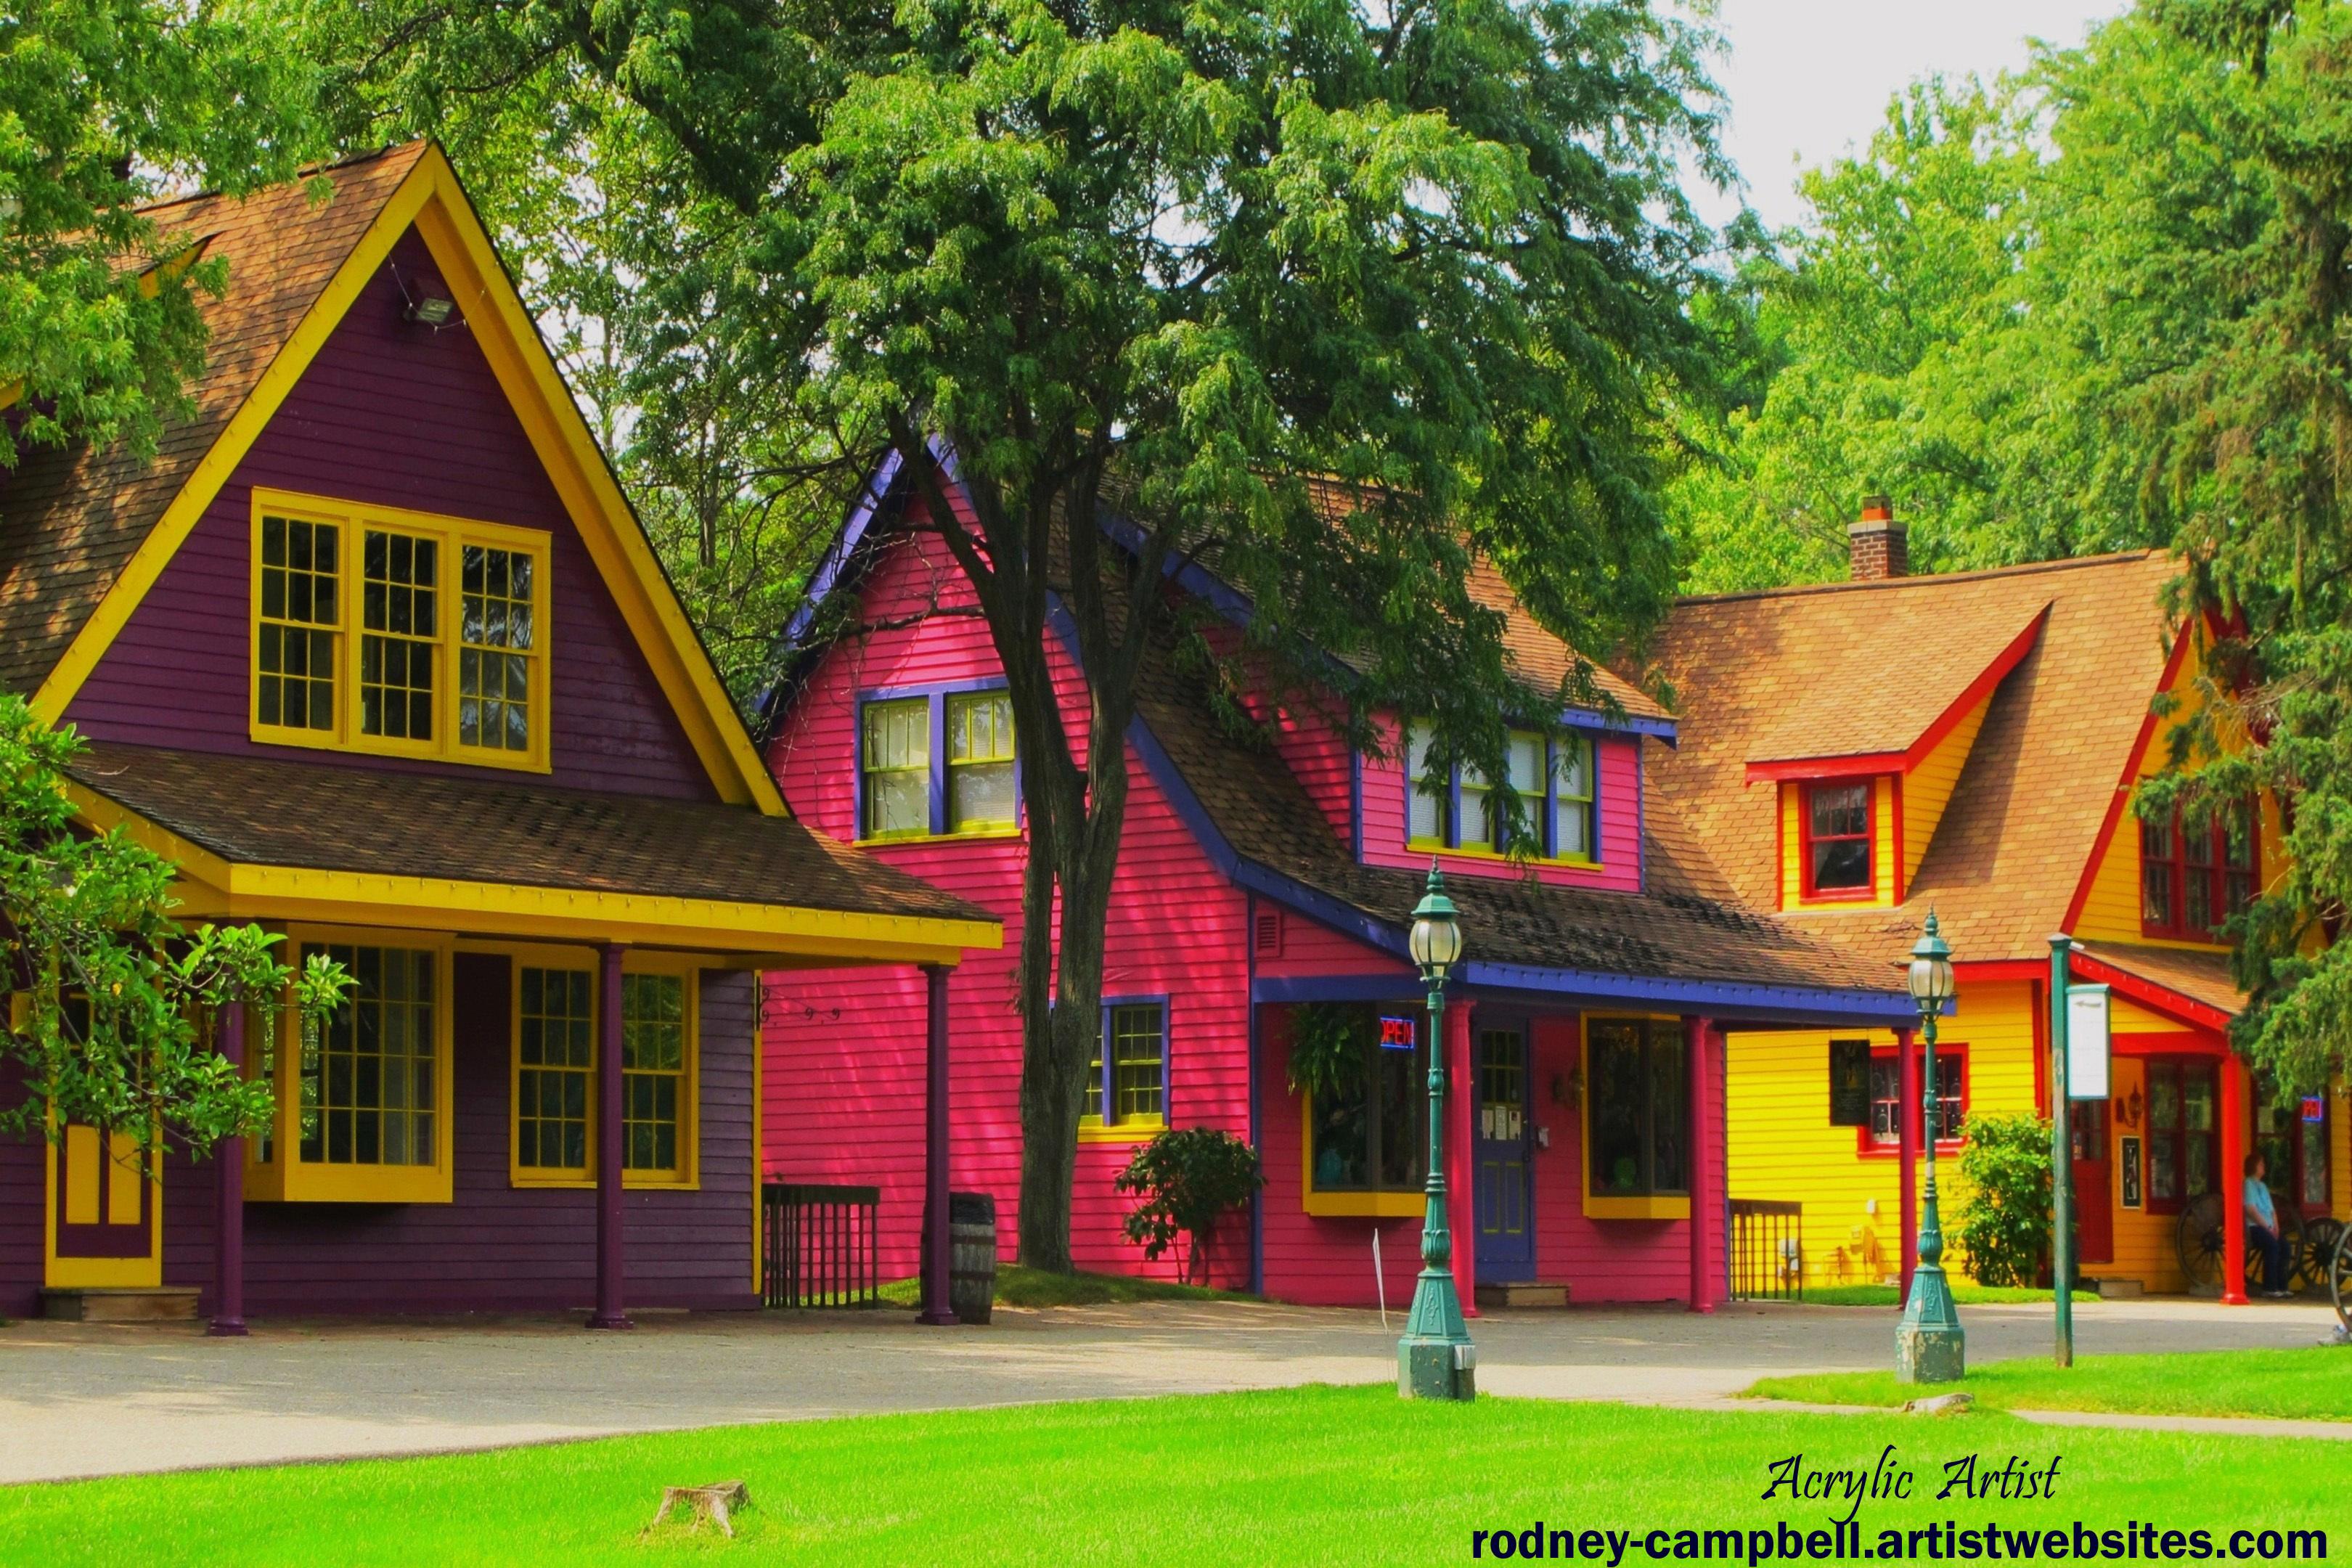 Illinois kane county carpentersville - Trenton Sitzmann Purchases 341 Illinois St Carpentersville